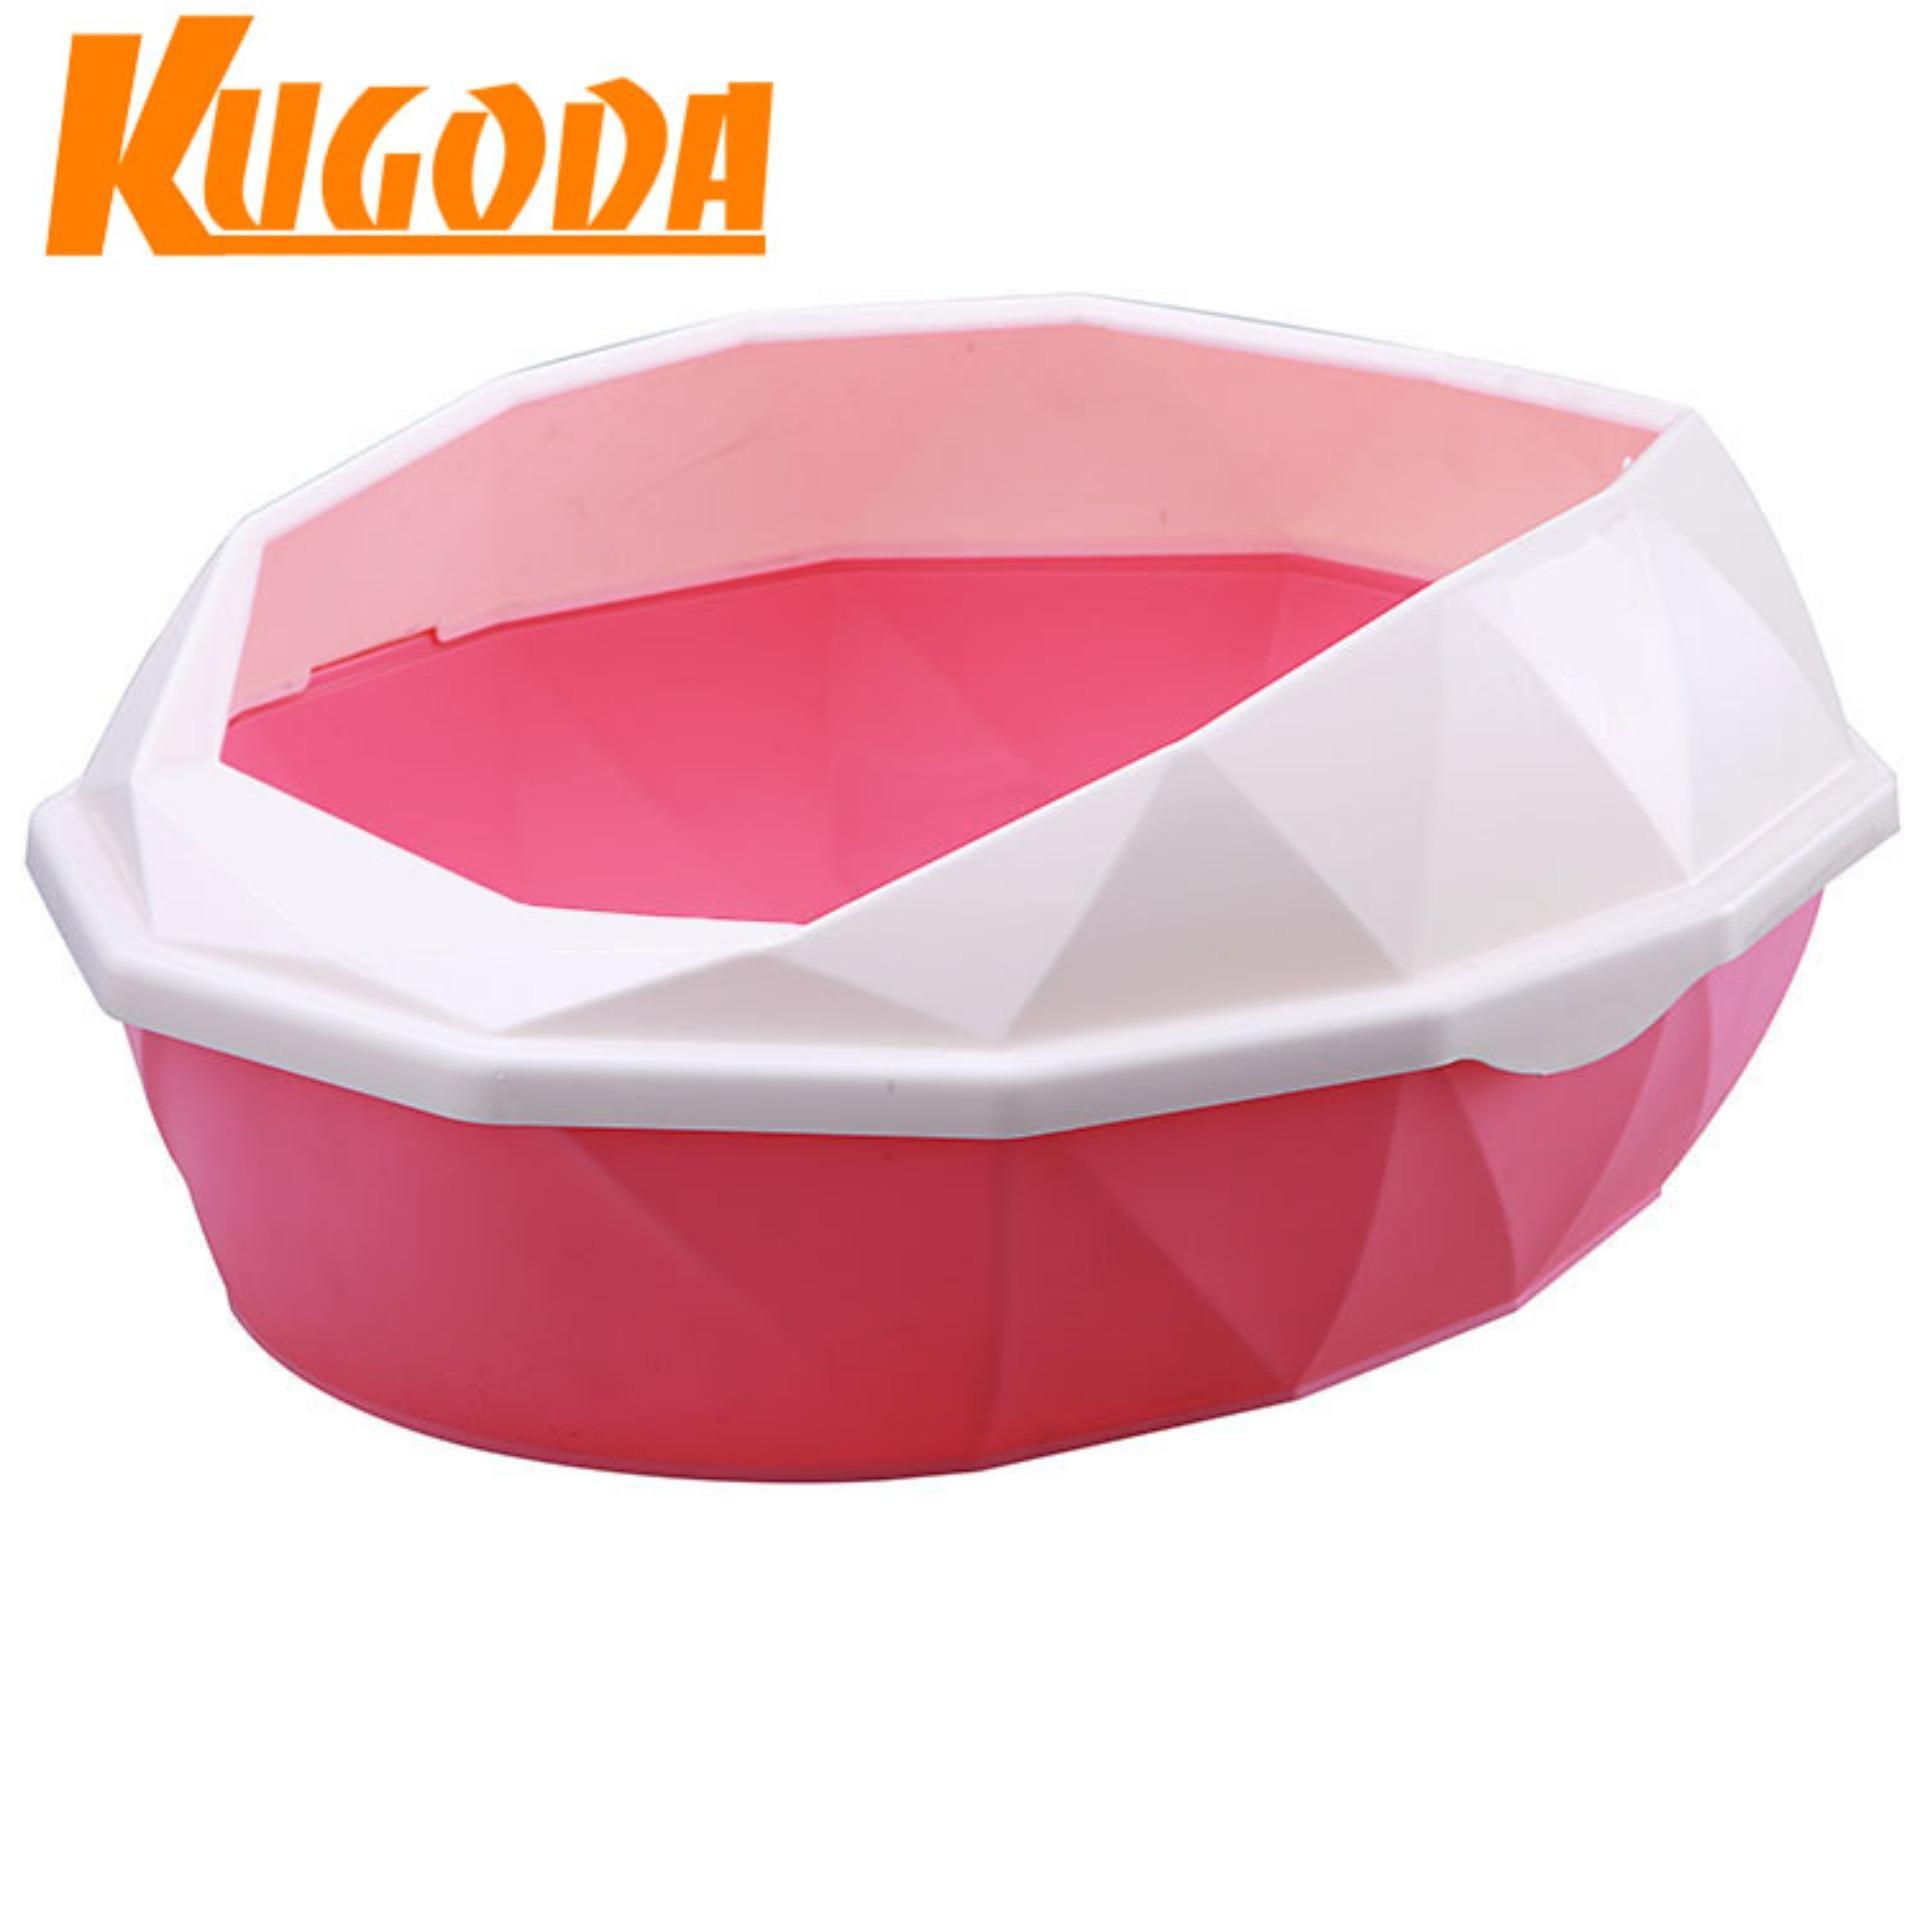 Giảm giá Bồn vệ sinh Kugoda cho mèo – nhiều màu sắc